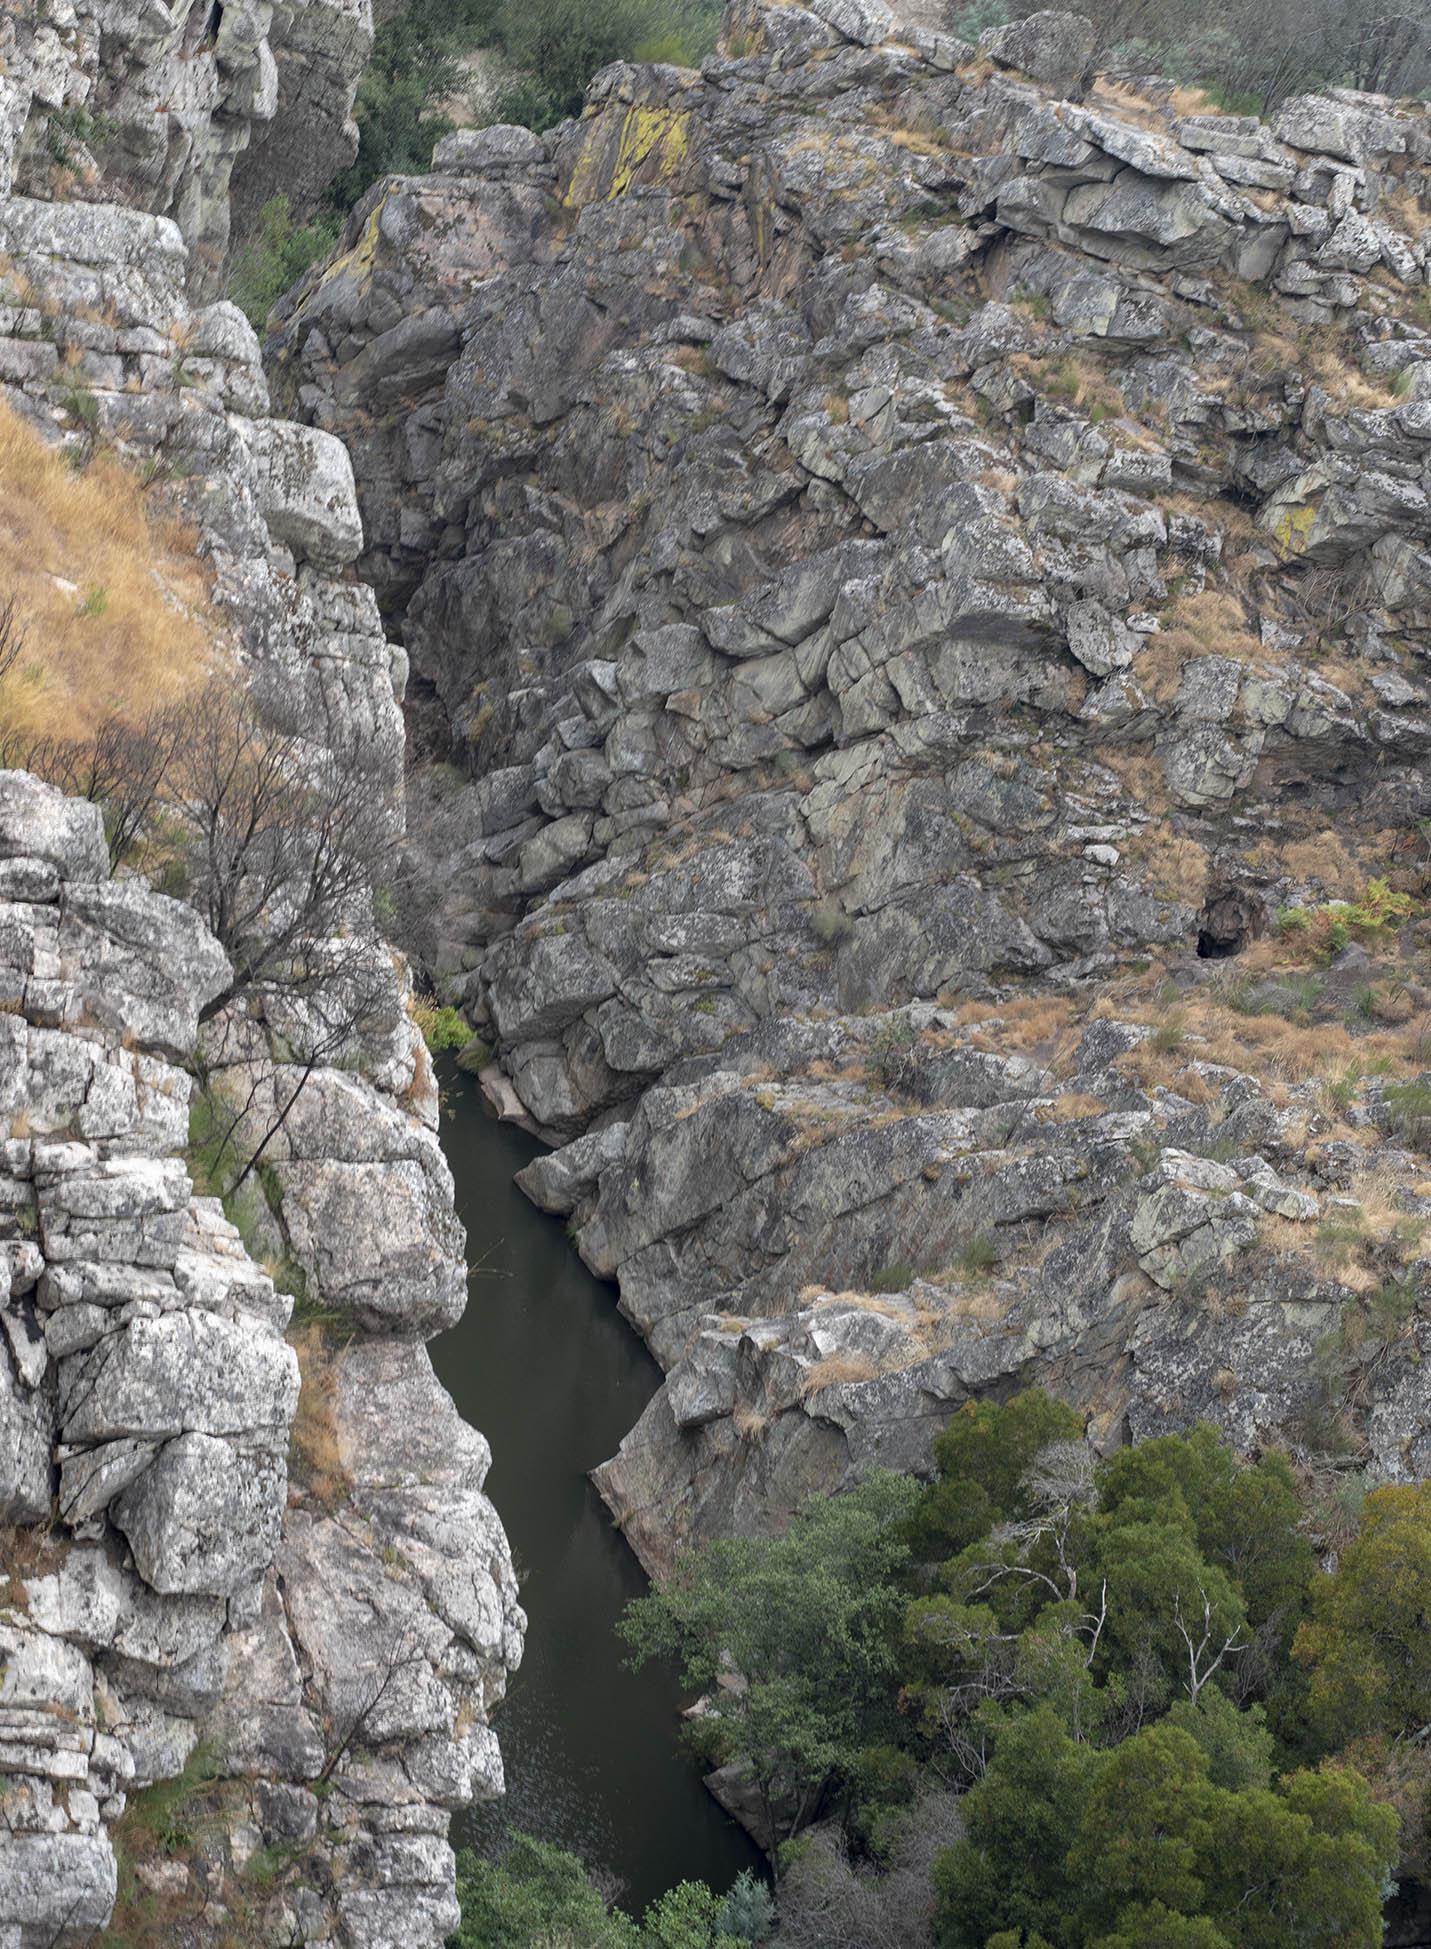 Vista do Cerro para o Ceira no meio do desfiladeiro